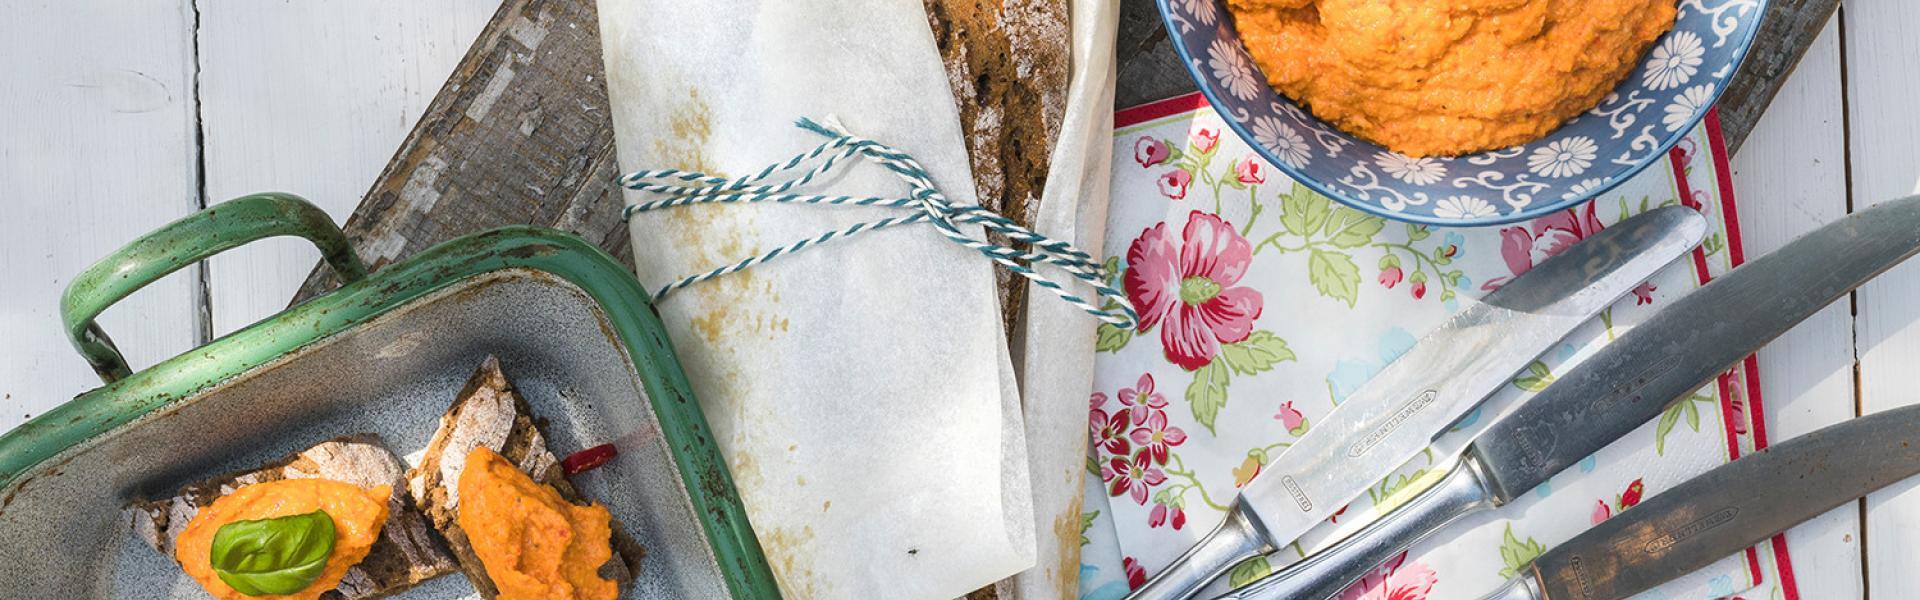 Walnuss-Baguette im Ganzen und in Stücken mit Paprika-Aufstrich bedeckt.